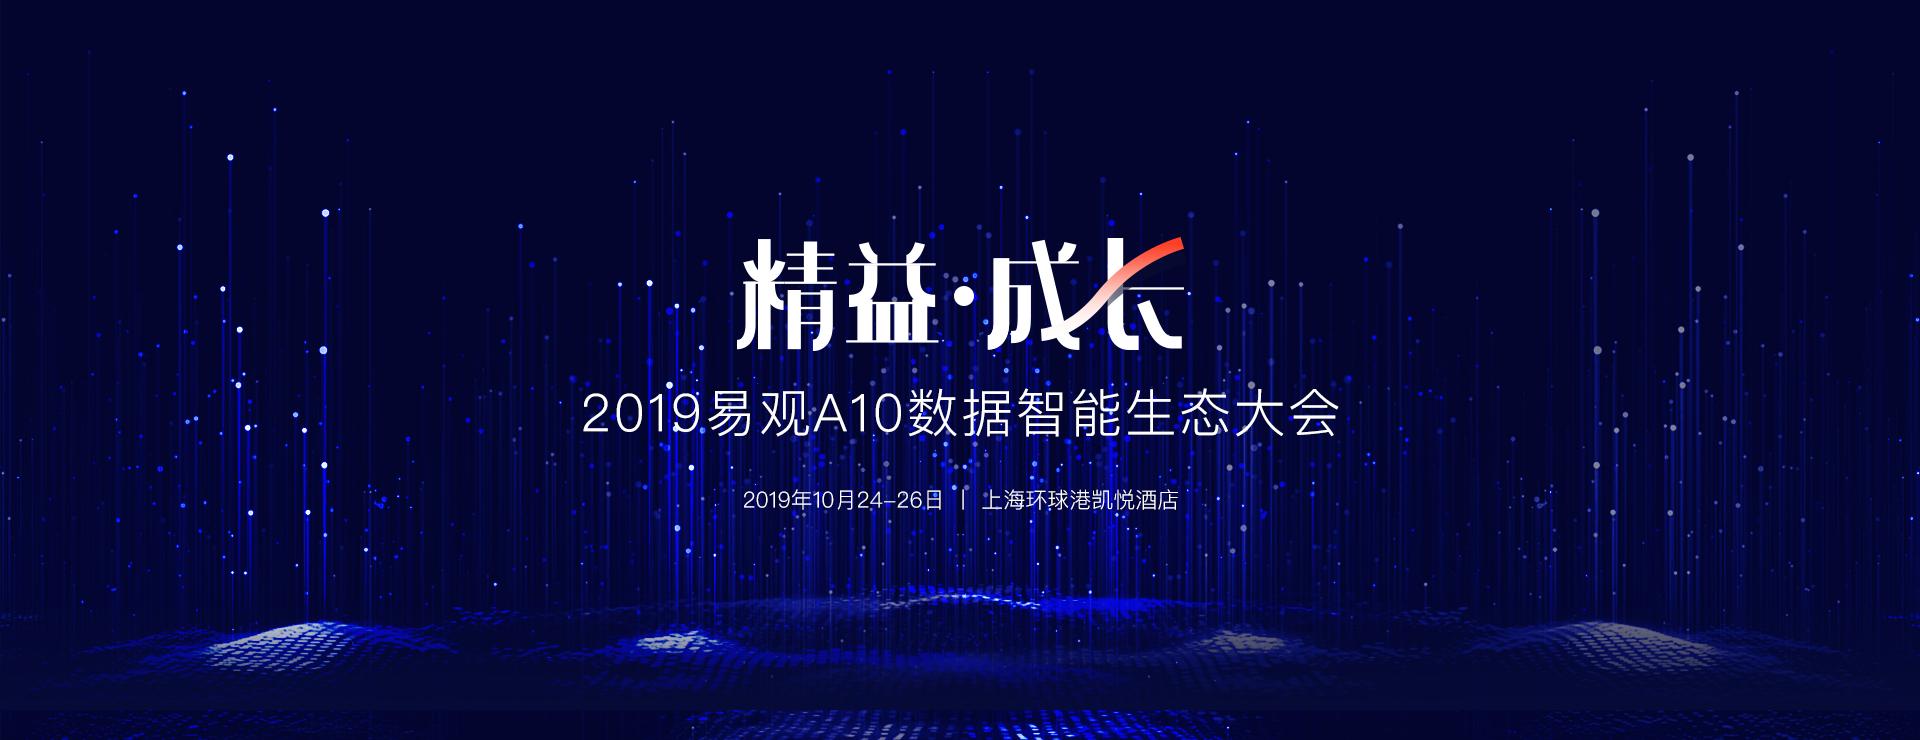 2019 易观A10 数据智能生态大会